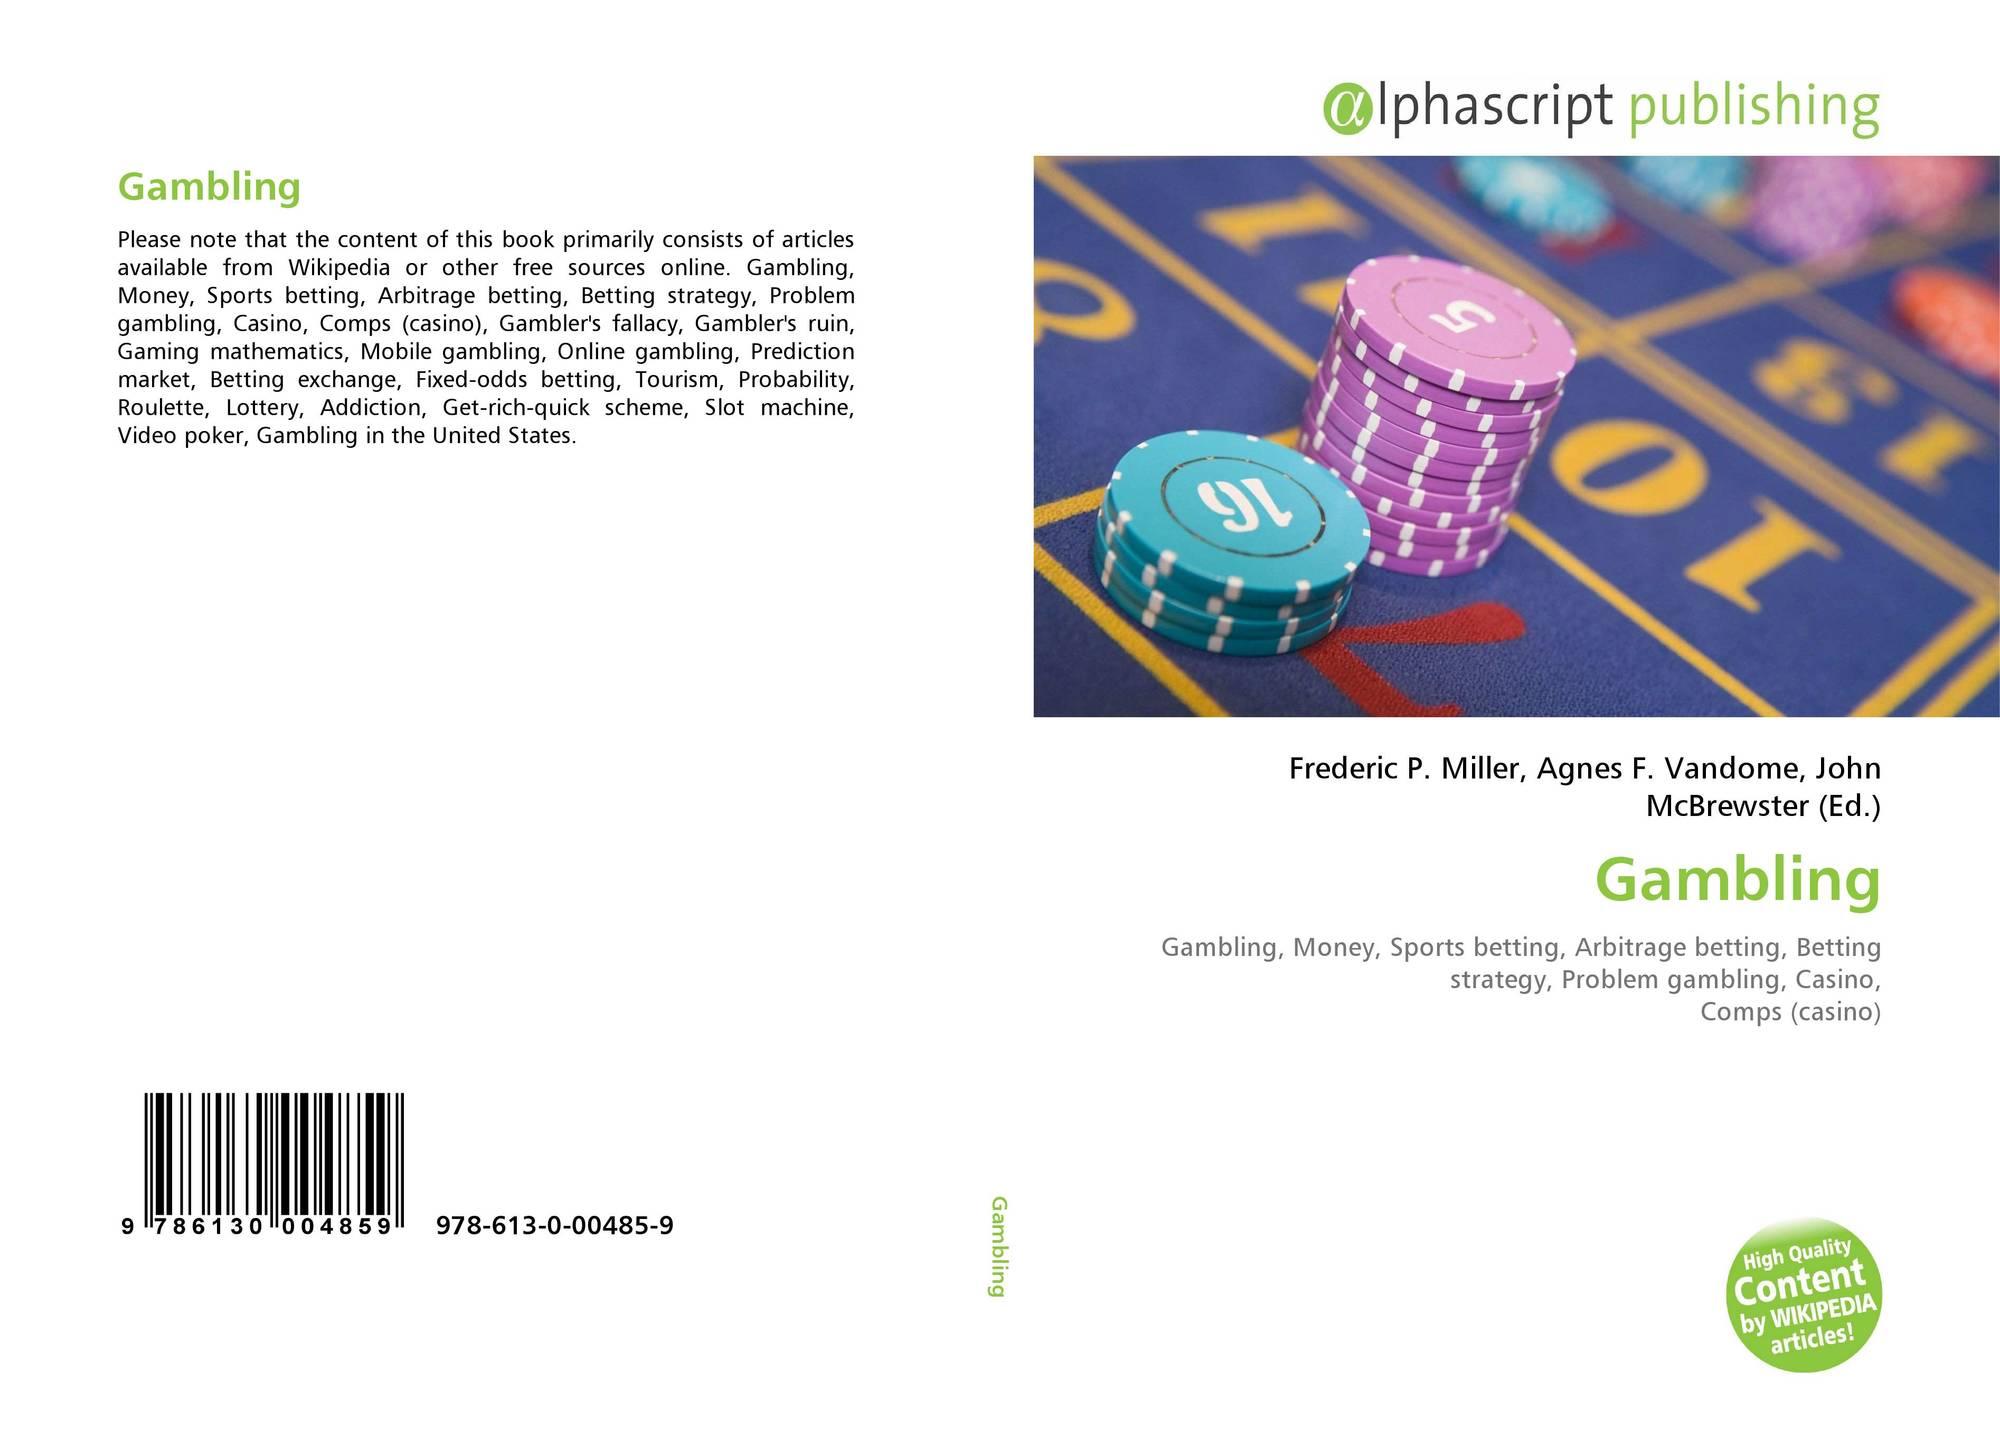 Gambling, 978-613-0-00485-9, 6130004850 ,9786130004859